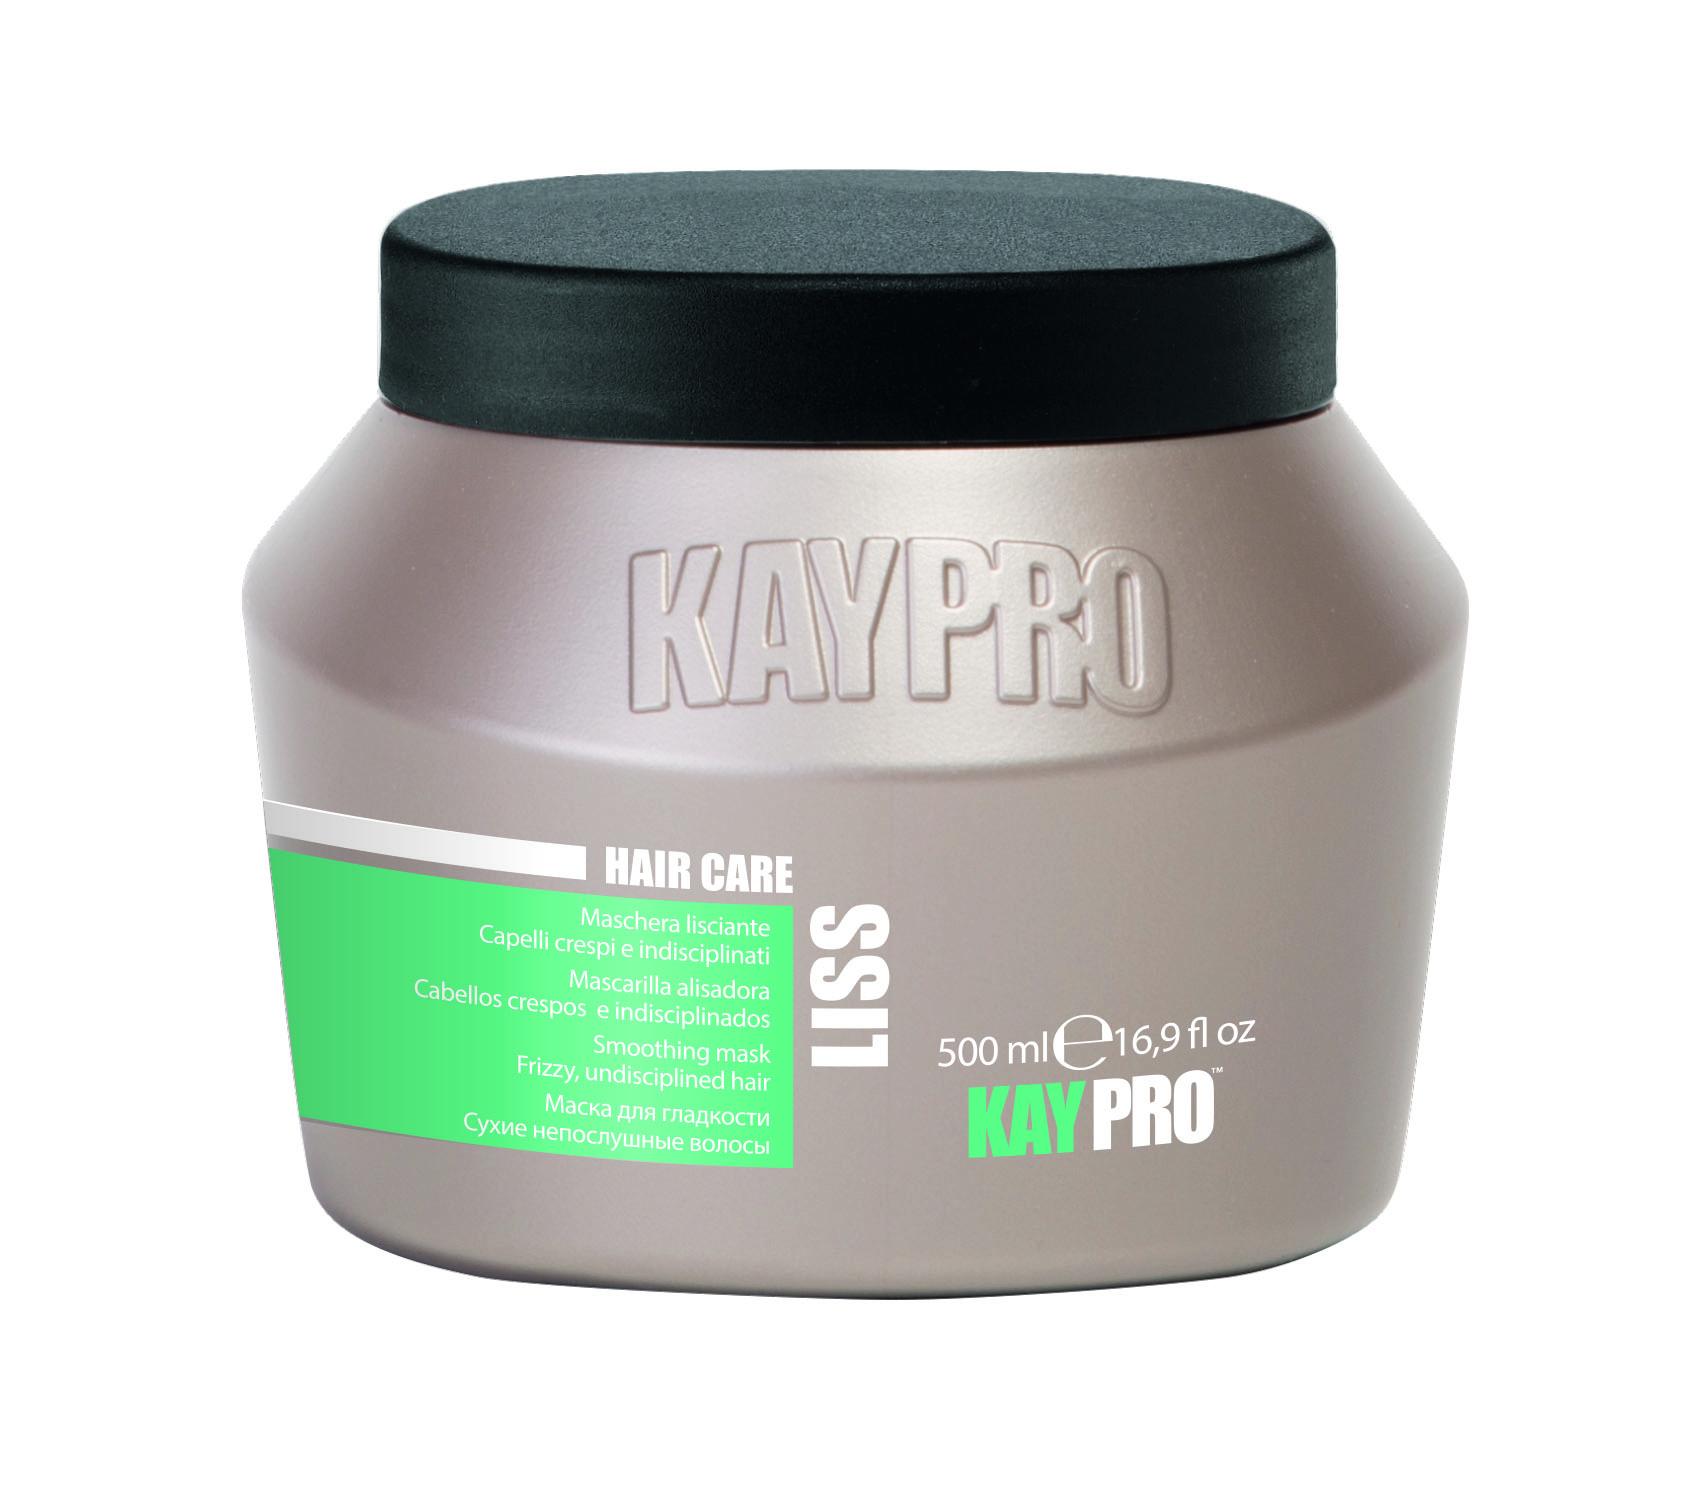 KAYPRO Маска для разглаживания вьющихся волос / KAYPRO 500мл